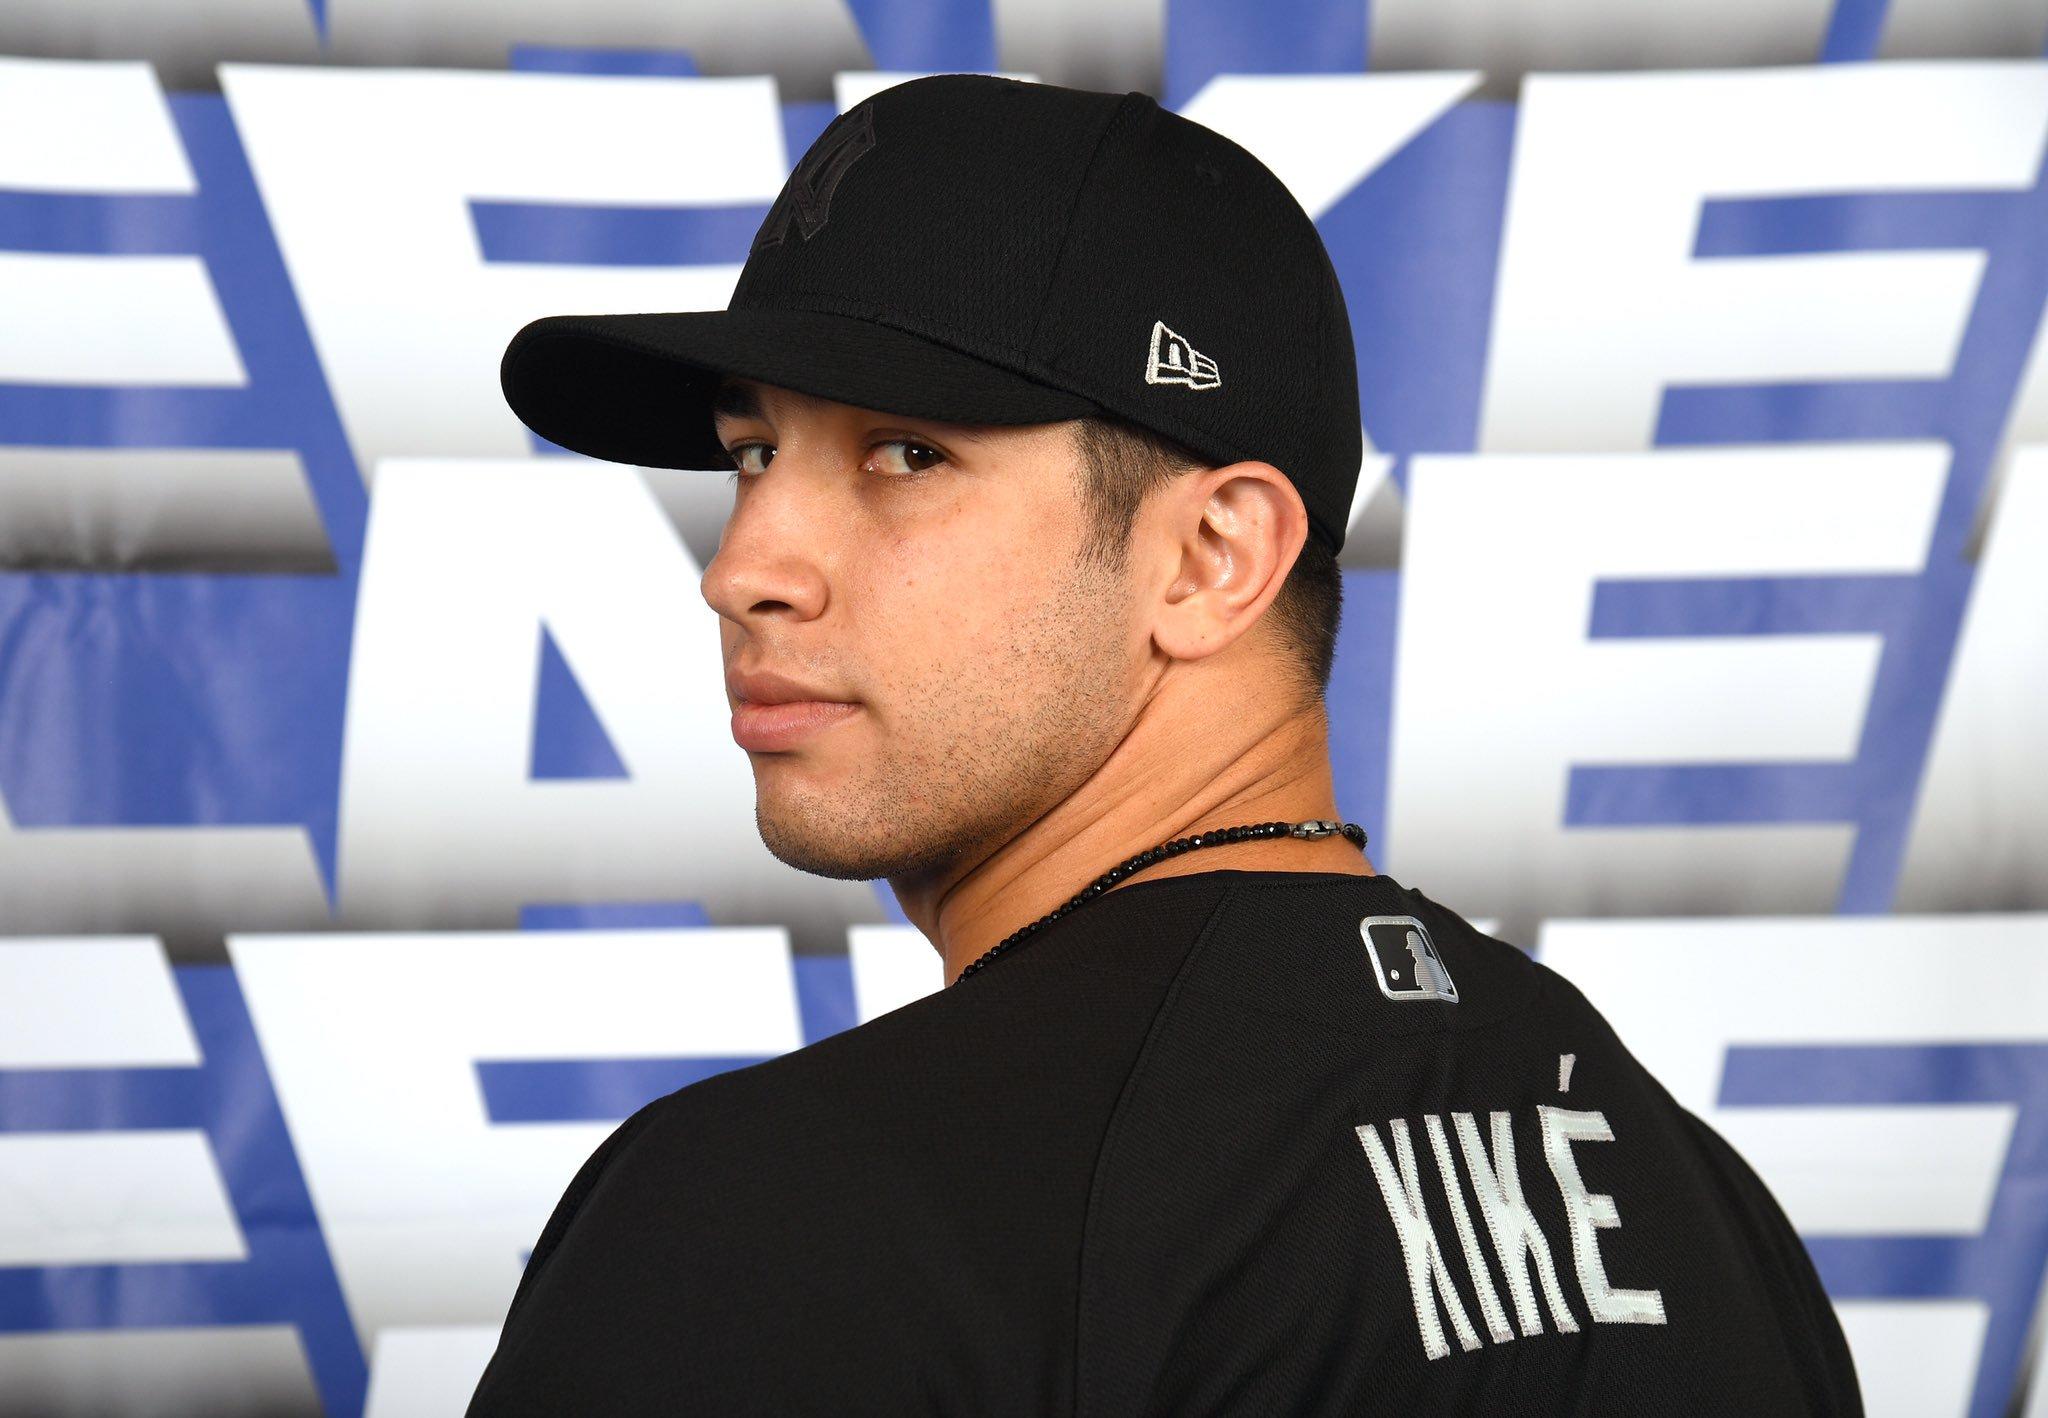 Luis Cessa debutó en postemporada con Yankees